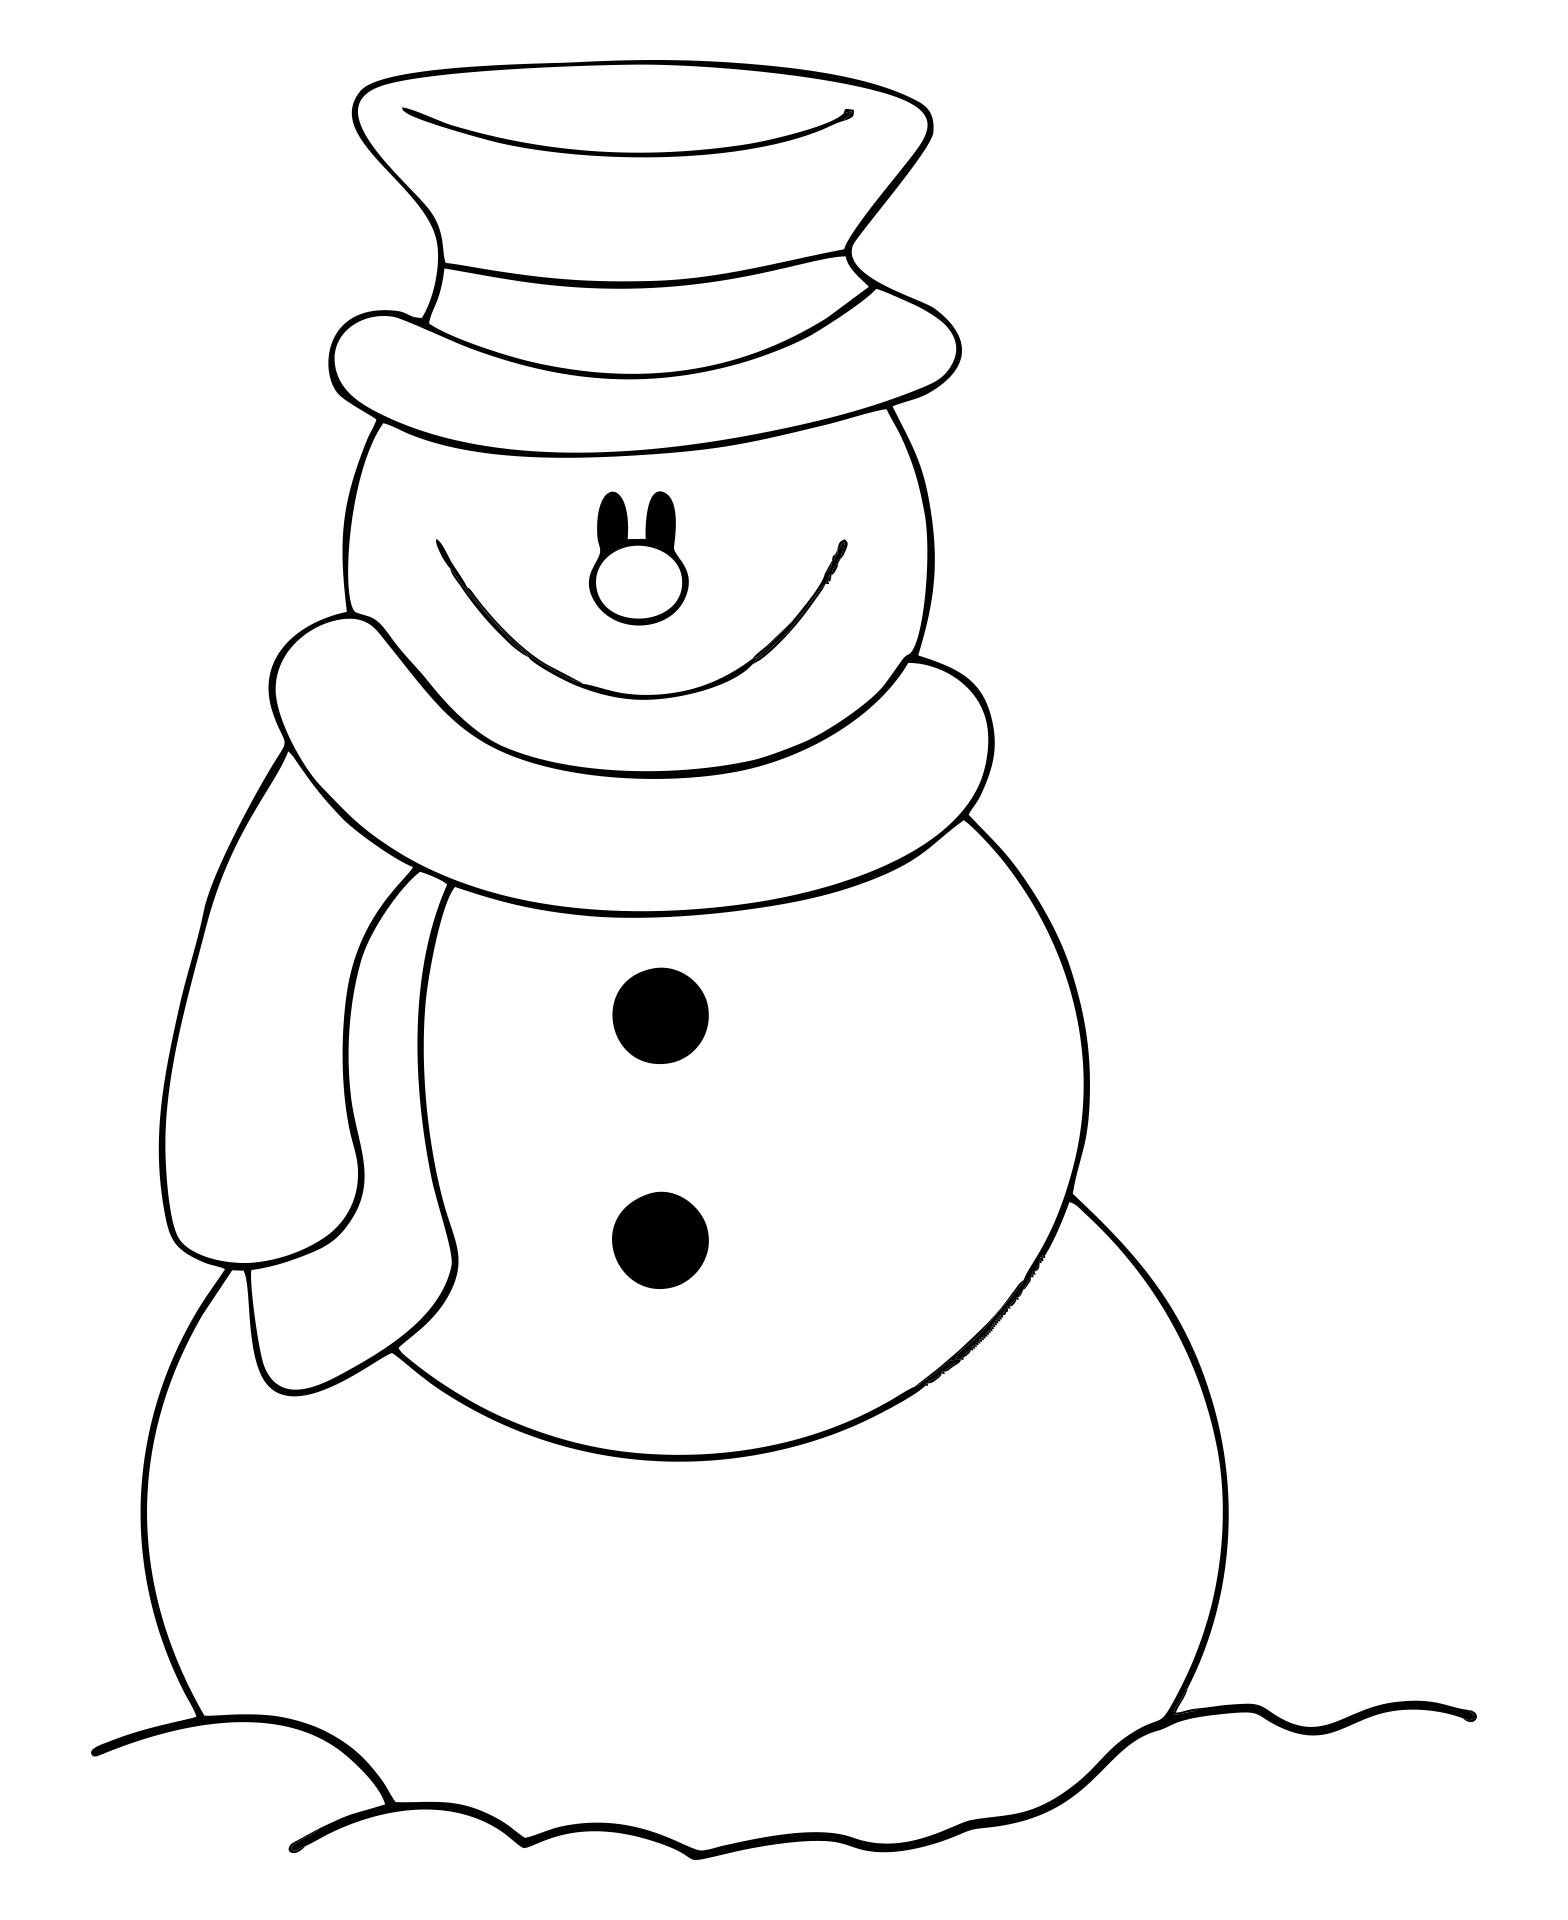 Snowman Clip Art Coloring Pages